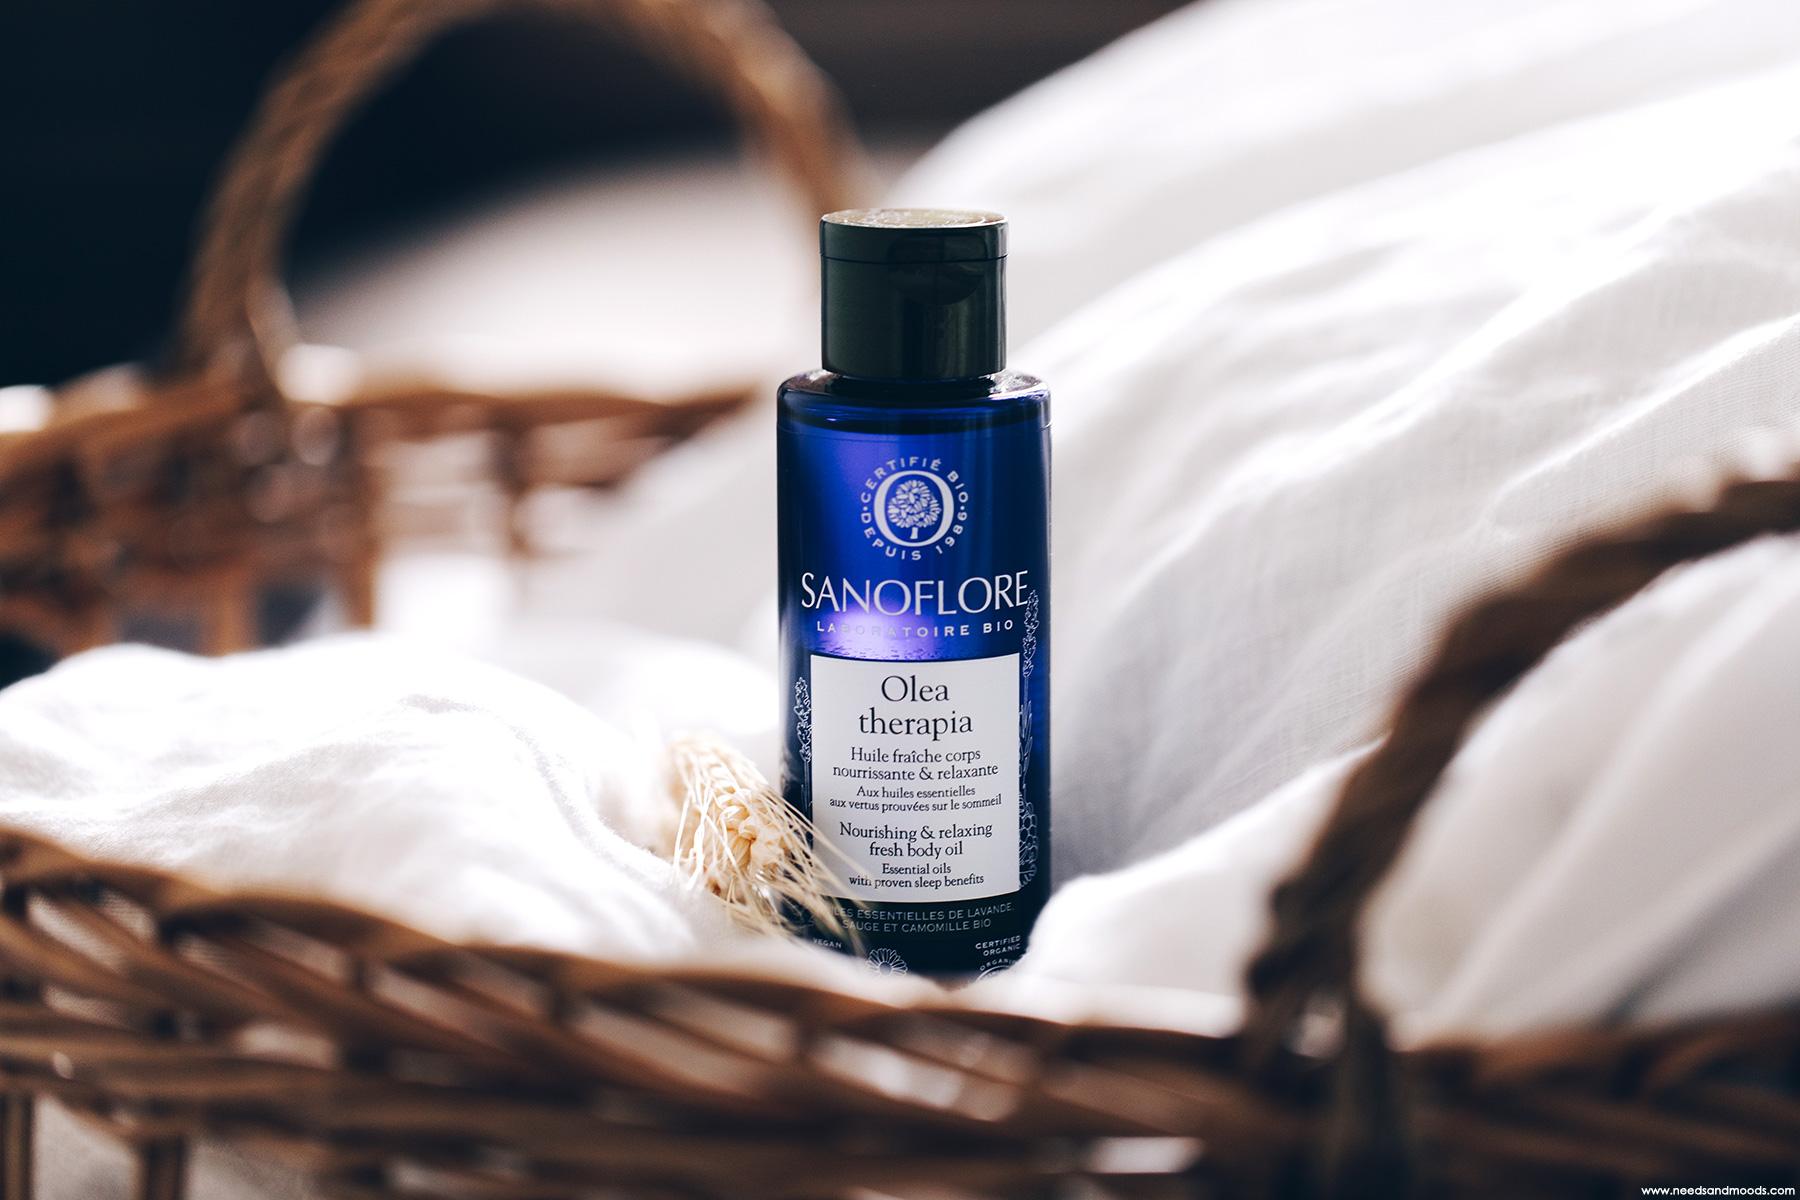 sanoflore olea therapia huile fraiche corps nourrissante relaxante